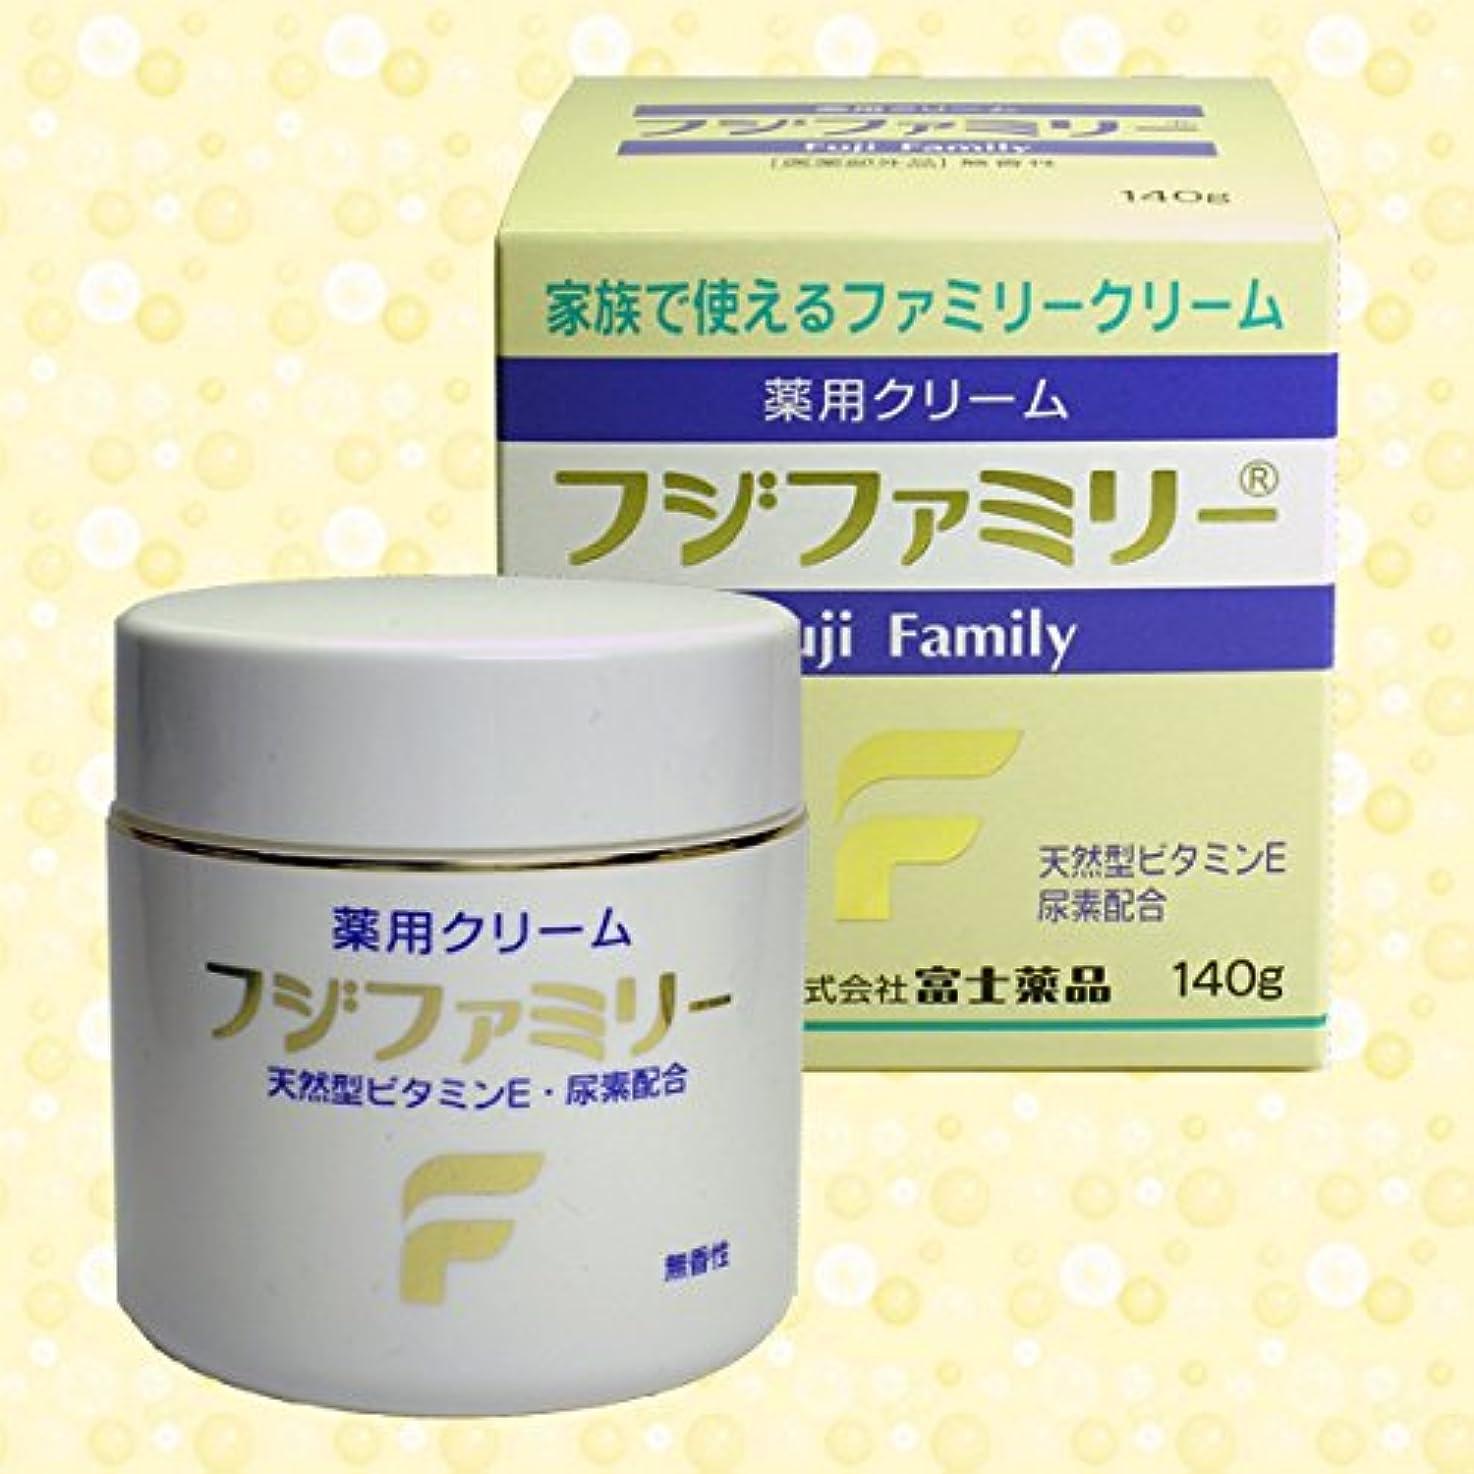 エキゾチック狂ったスラム富士薬品 増量 薬用クリームフジファミリー140g 医薬部外品